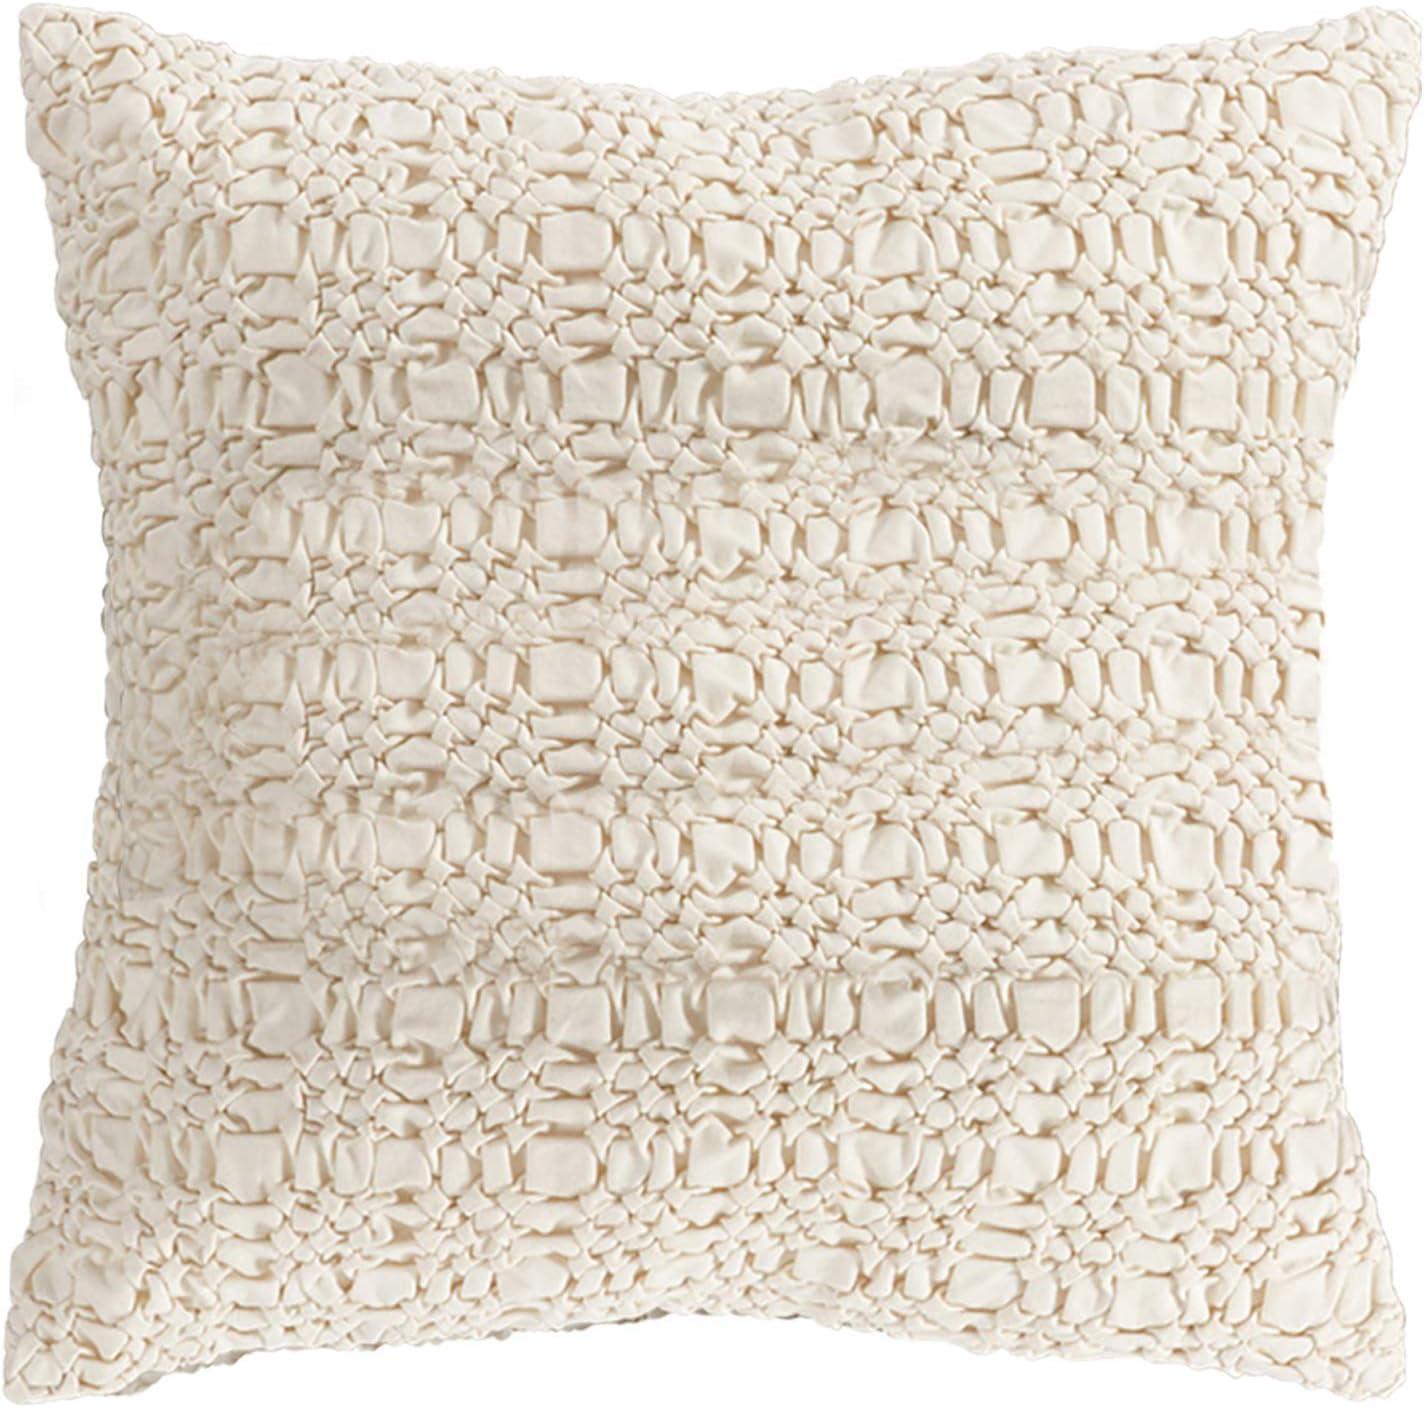 SARO LIFESTYLE Smocked Design Cotton price Throw Pillow Filled Down Department store 00